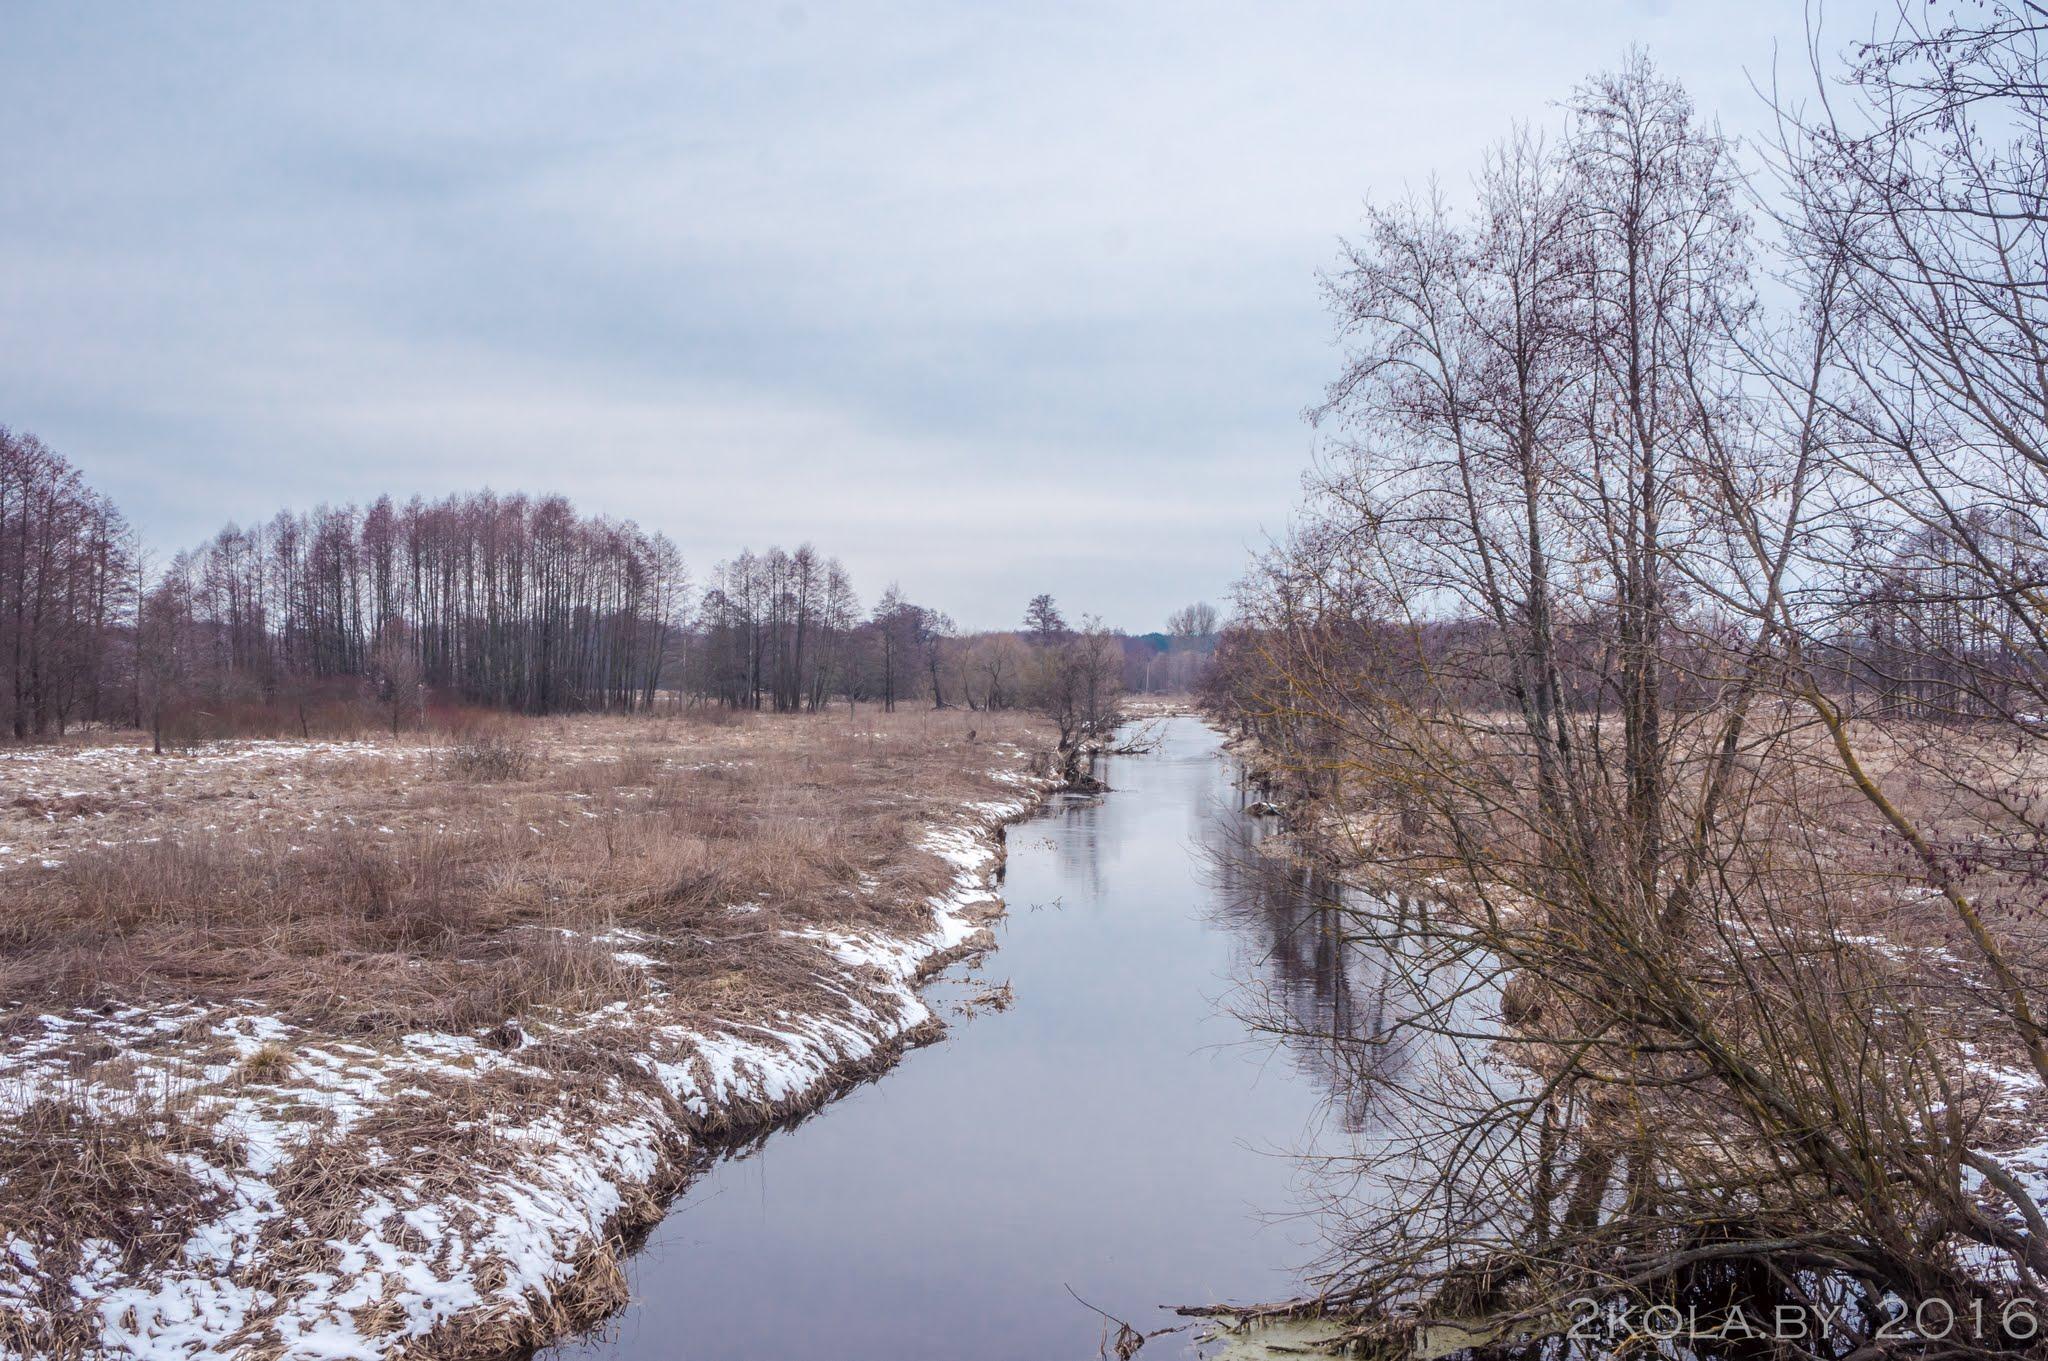 DSC08849 - Зимняя покатушка по достопримечательностям Ганцевичского и Клецкого районов.